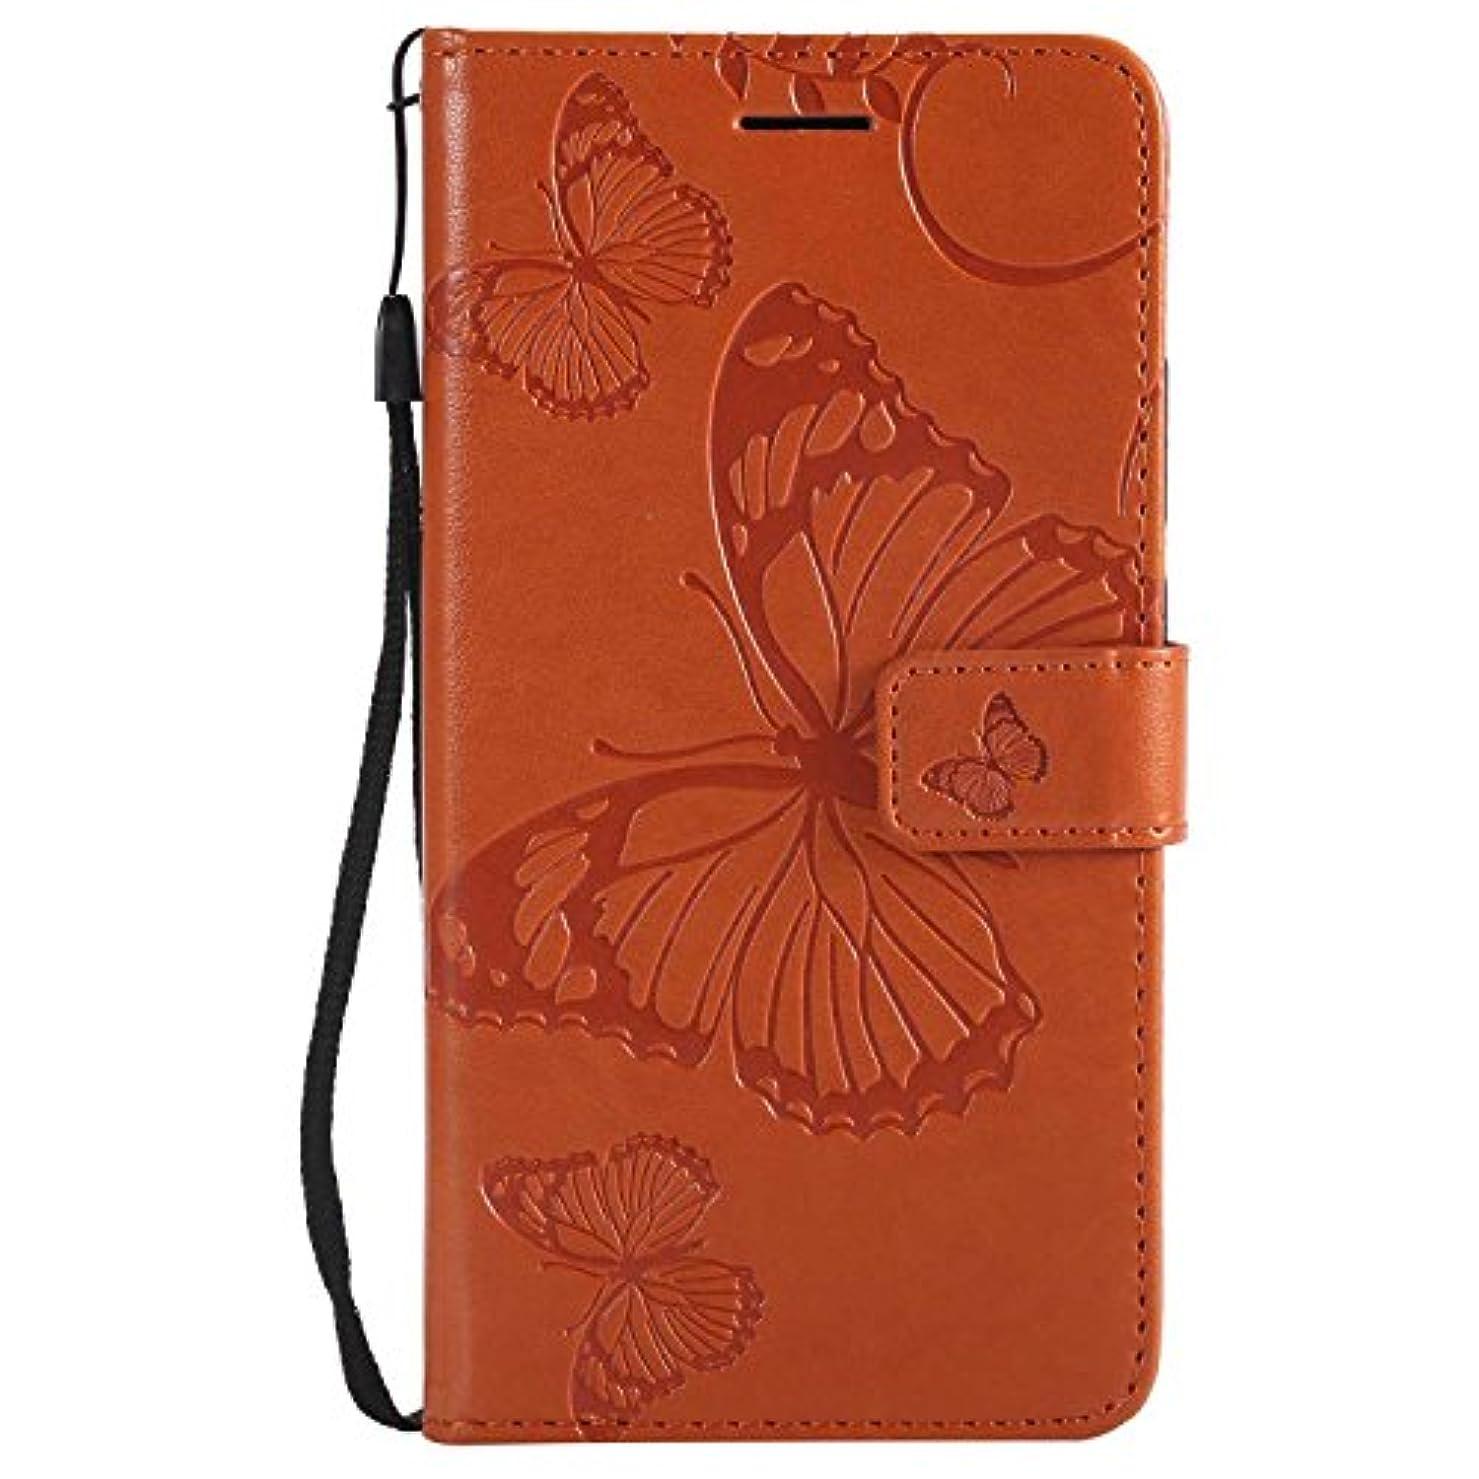 時代遅れ争う銀CUSKING Huawei Mate 10 ケース Huawei Mate 10 カバー ファーウェイ 手帳ケース カードポケット スタンド機能 蝶柄 スマホケース かわいい レザー 手帳 - オレンジ